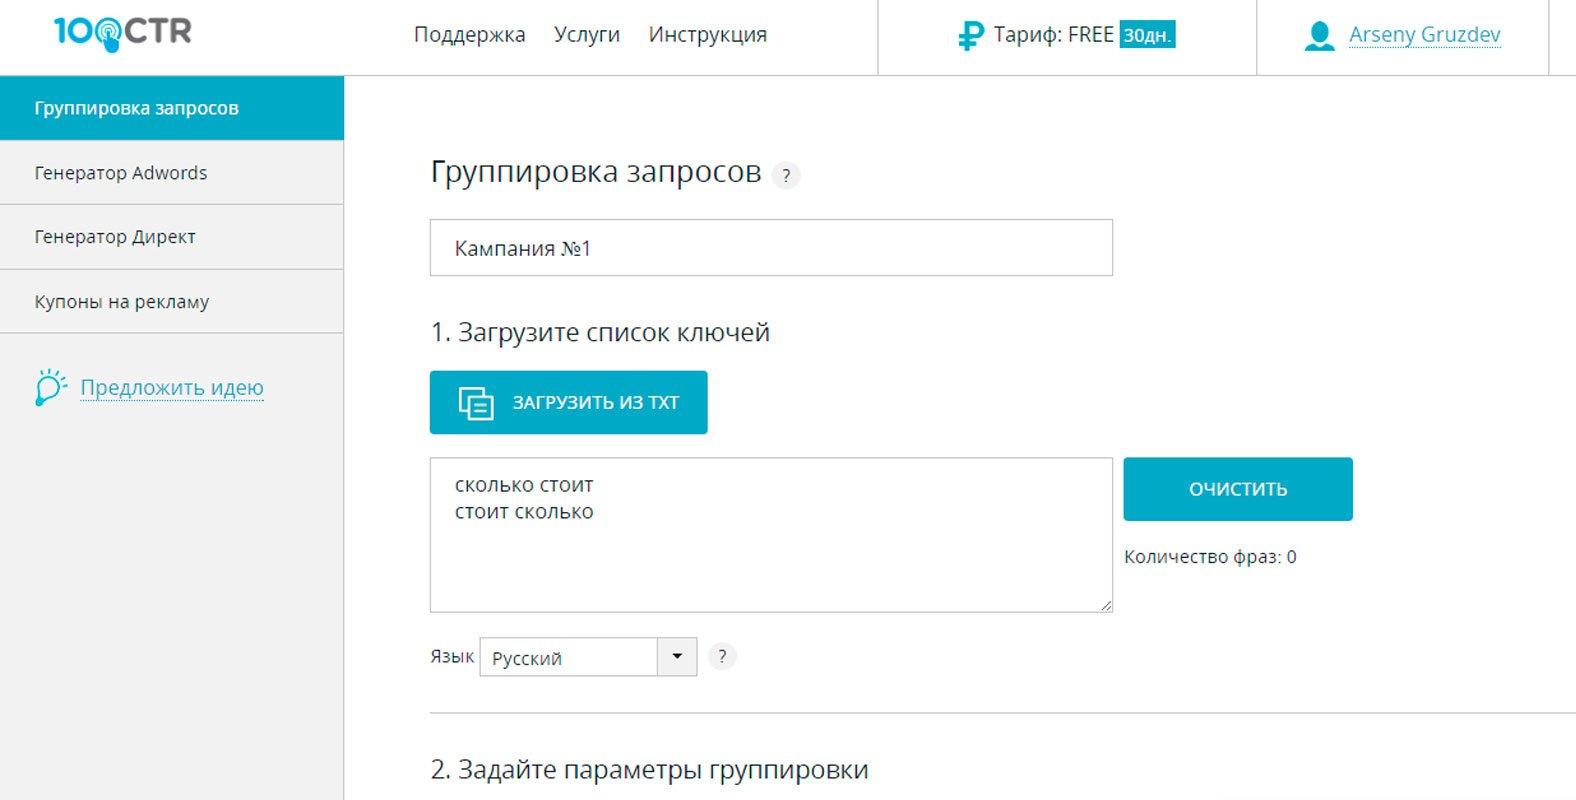 Группировка запросов Яндекс Директ и Google Adwords